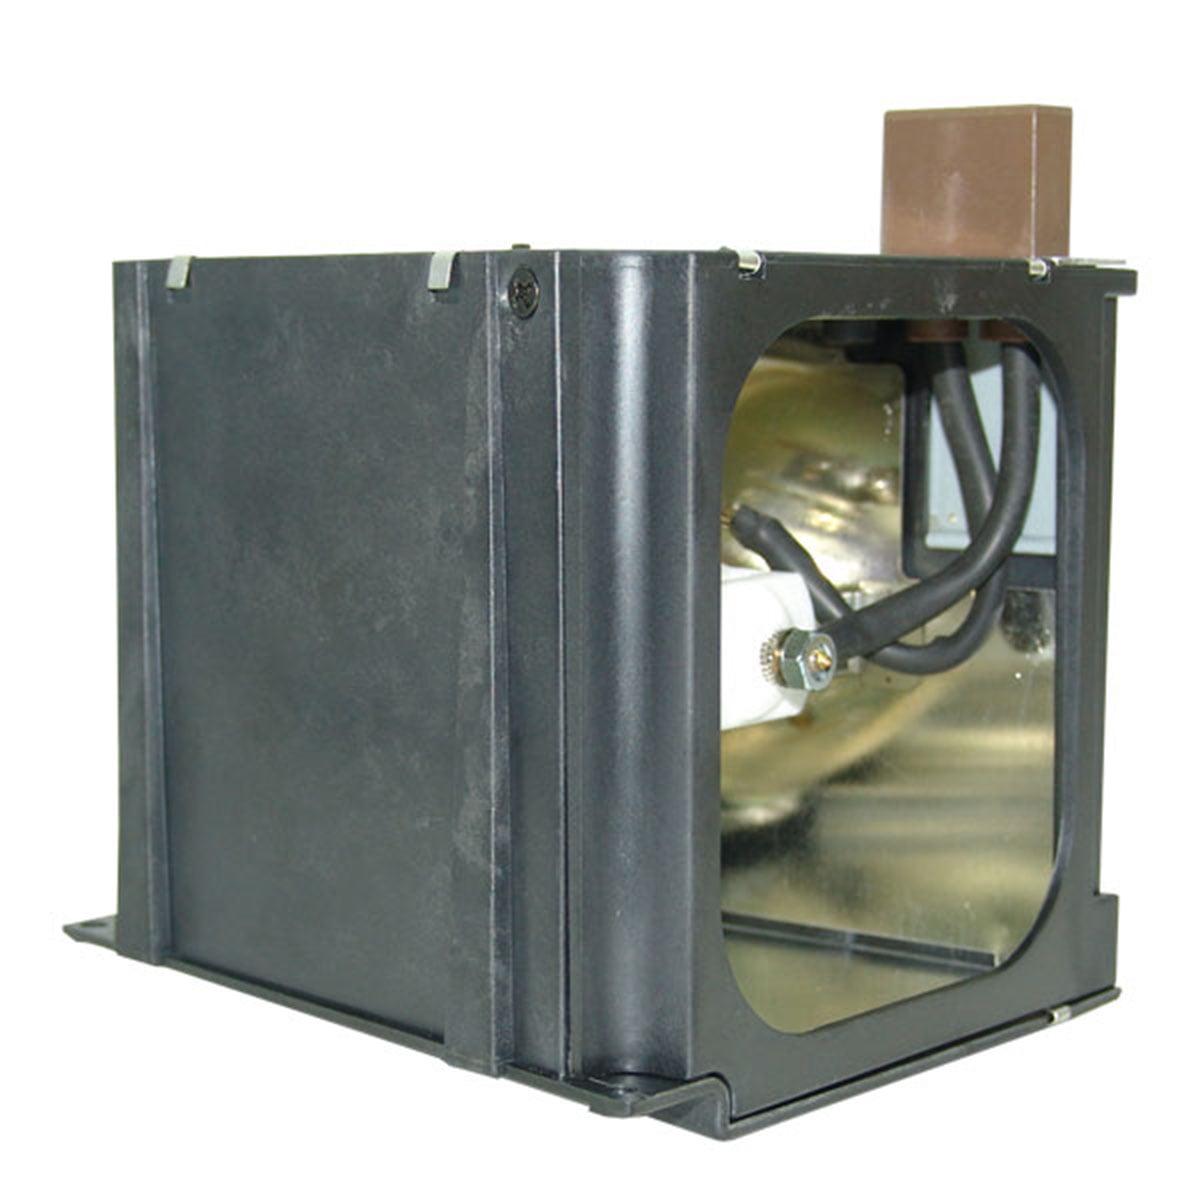 Lutema Economy pour Sharp AN-K10LP/1 lampe de projecteur avec bo�tier - image 2 de 5